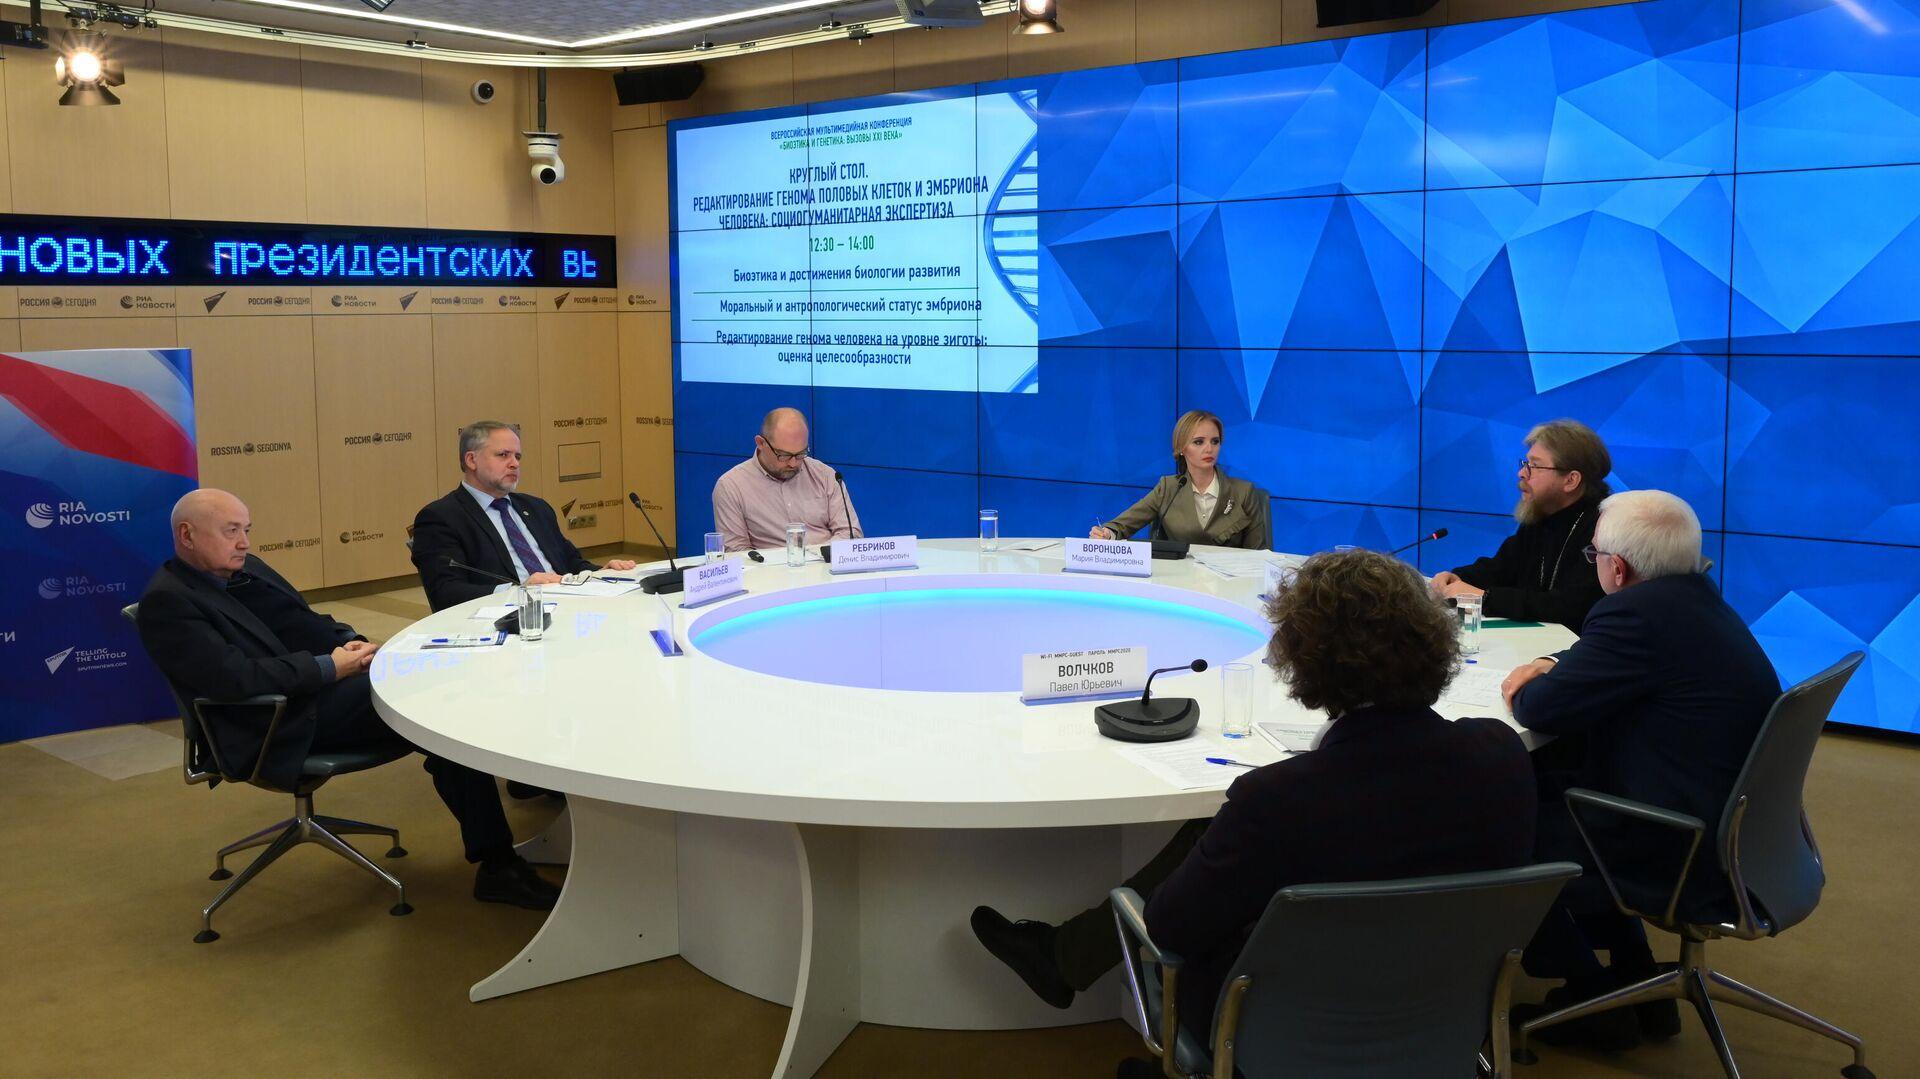 Эксперты заявили о необходимости закона, регулирующего биотехнологии